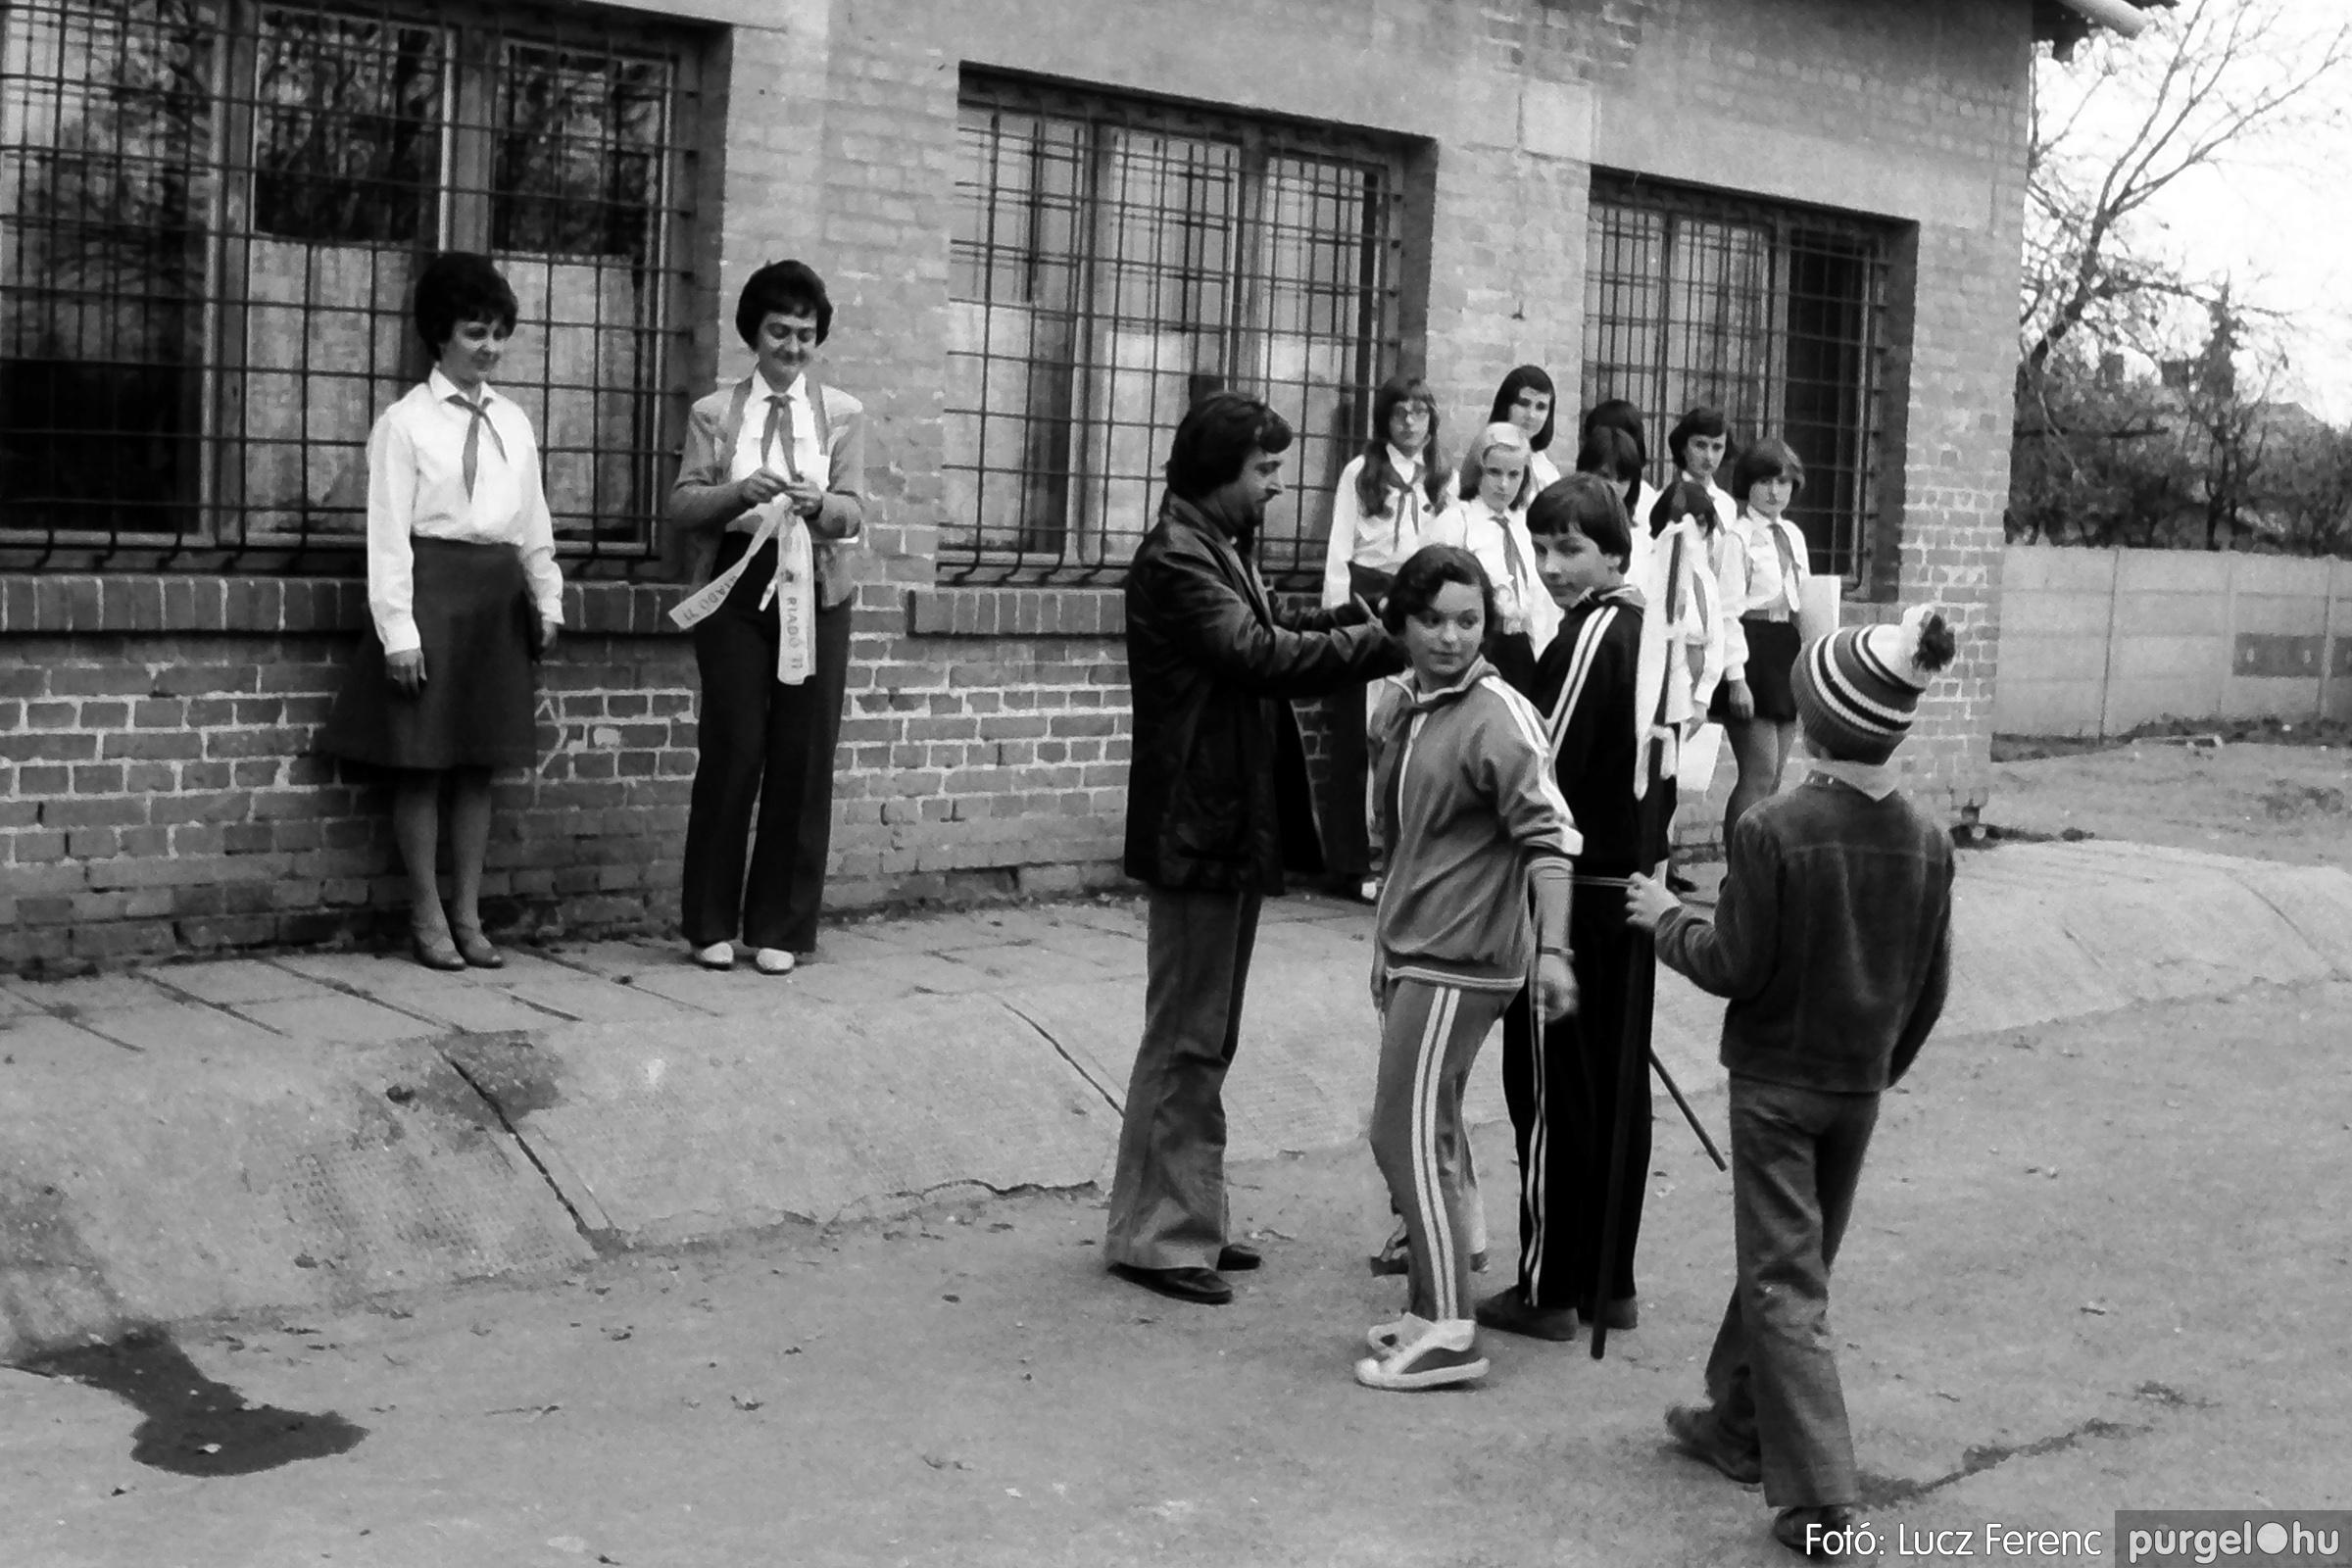 092. 1977. Úttörő rendezvény a Központi Általános Iskolában 022. - Fotó: Lucz Ferenc.jpg